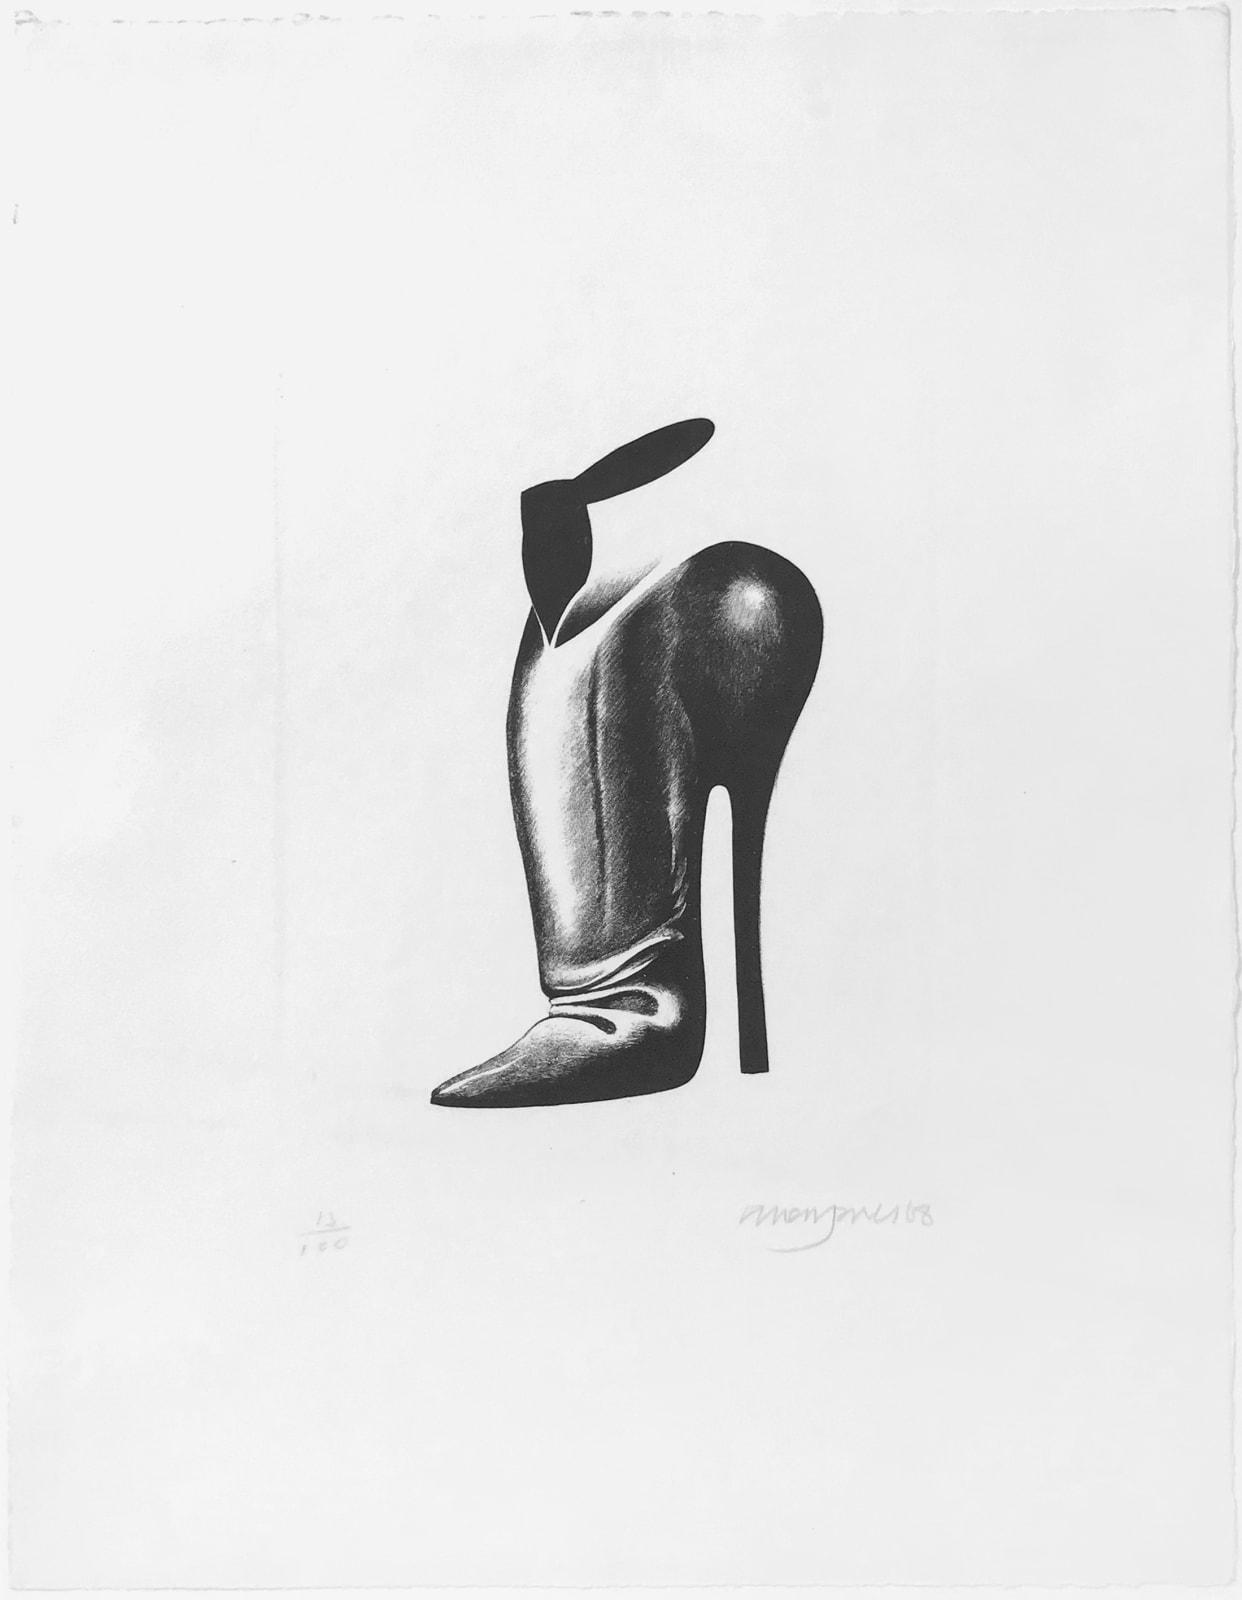 ALLEN JONES, Untitled, 1968